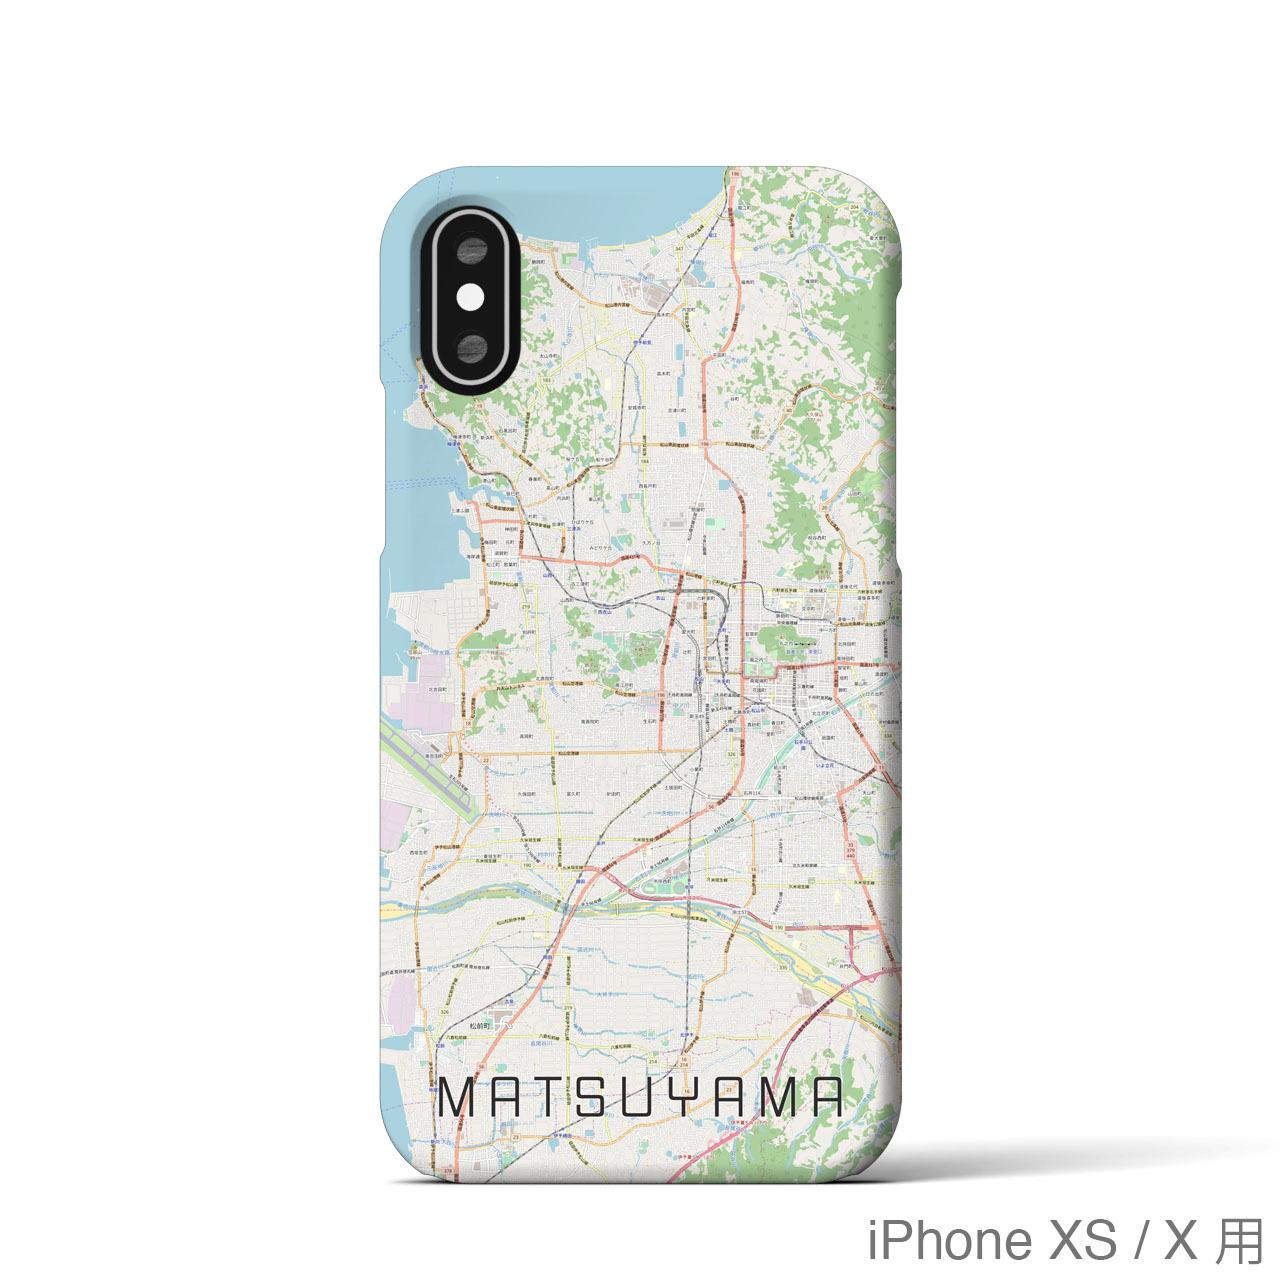 【松山】地図柄iPhoneケース(バックカバータイプ・ナチュラル)